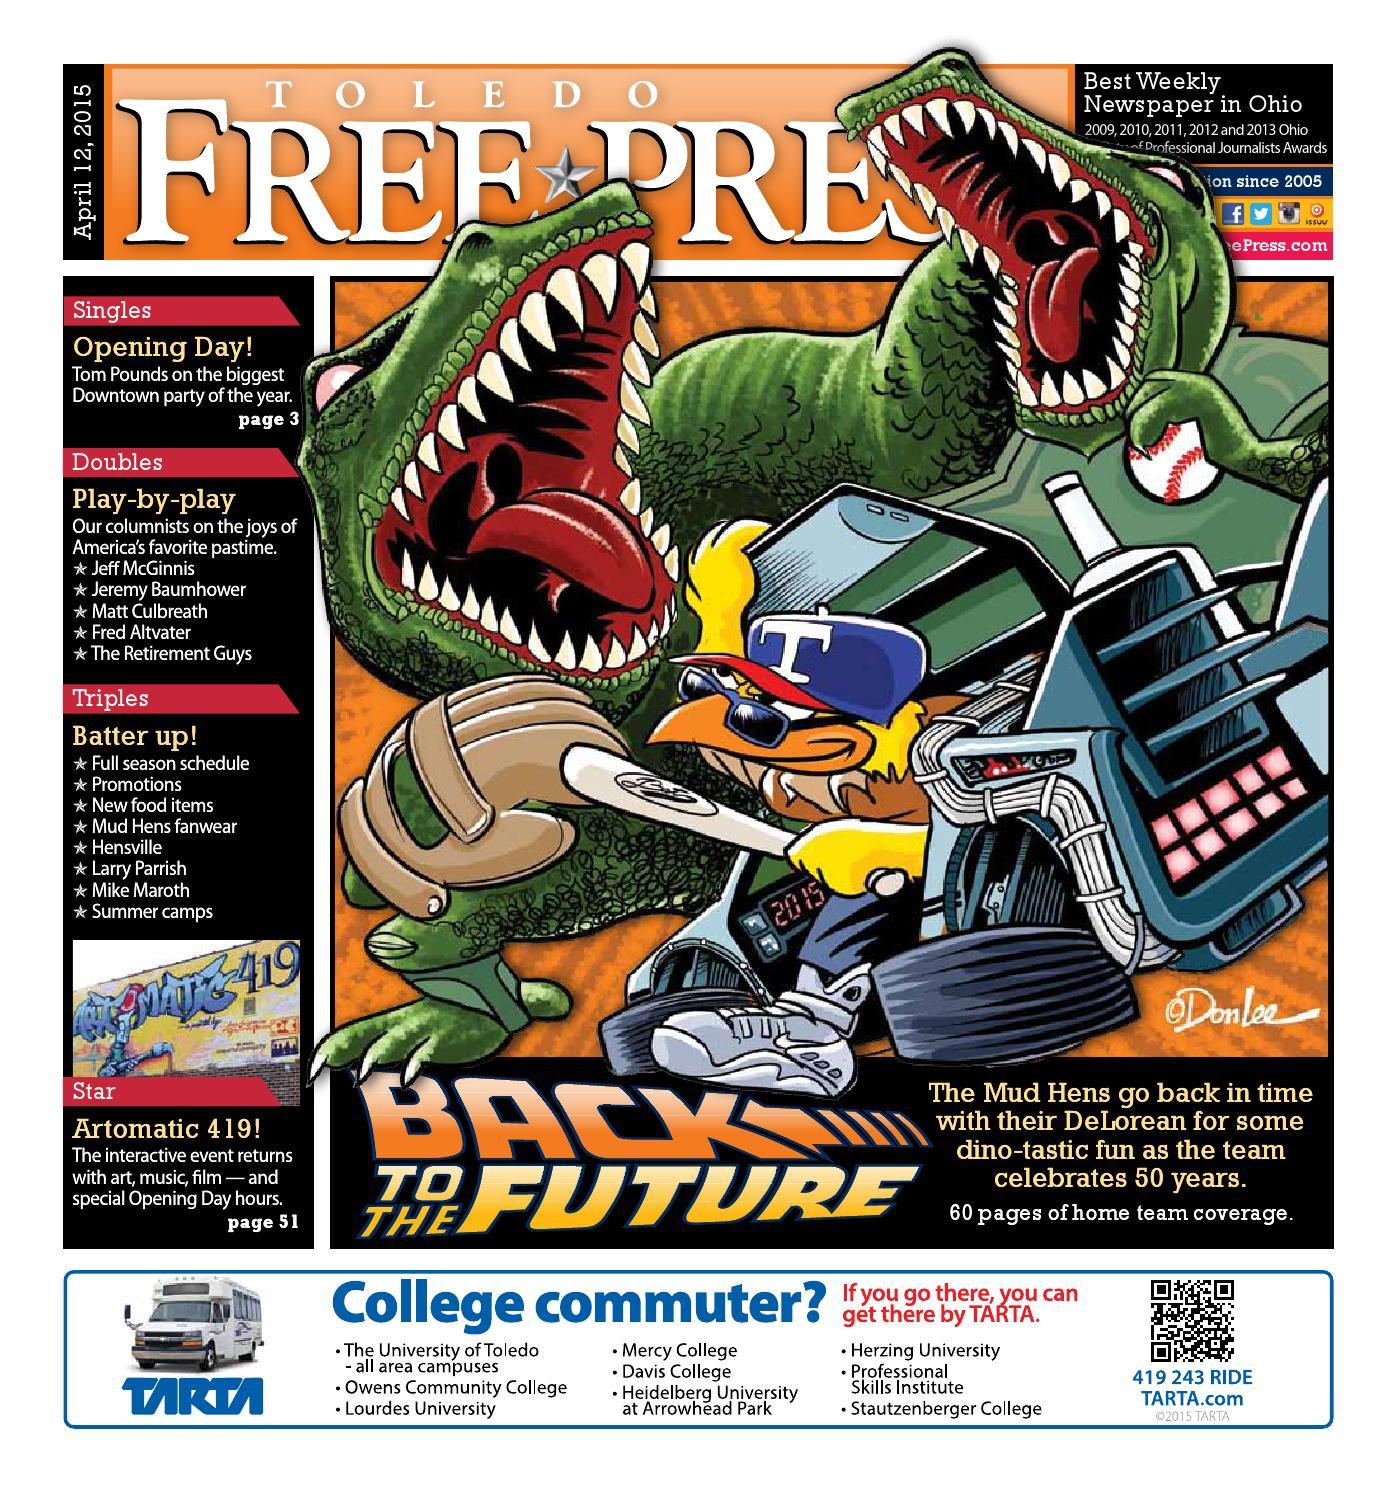 d8ee1f2a0 Toledo Free Press – Apr. 12, 2015 by Toledo Free Press - issuu